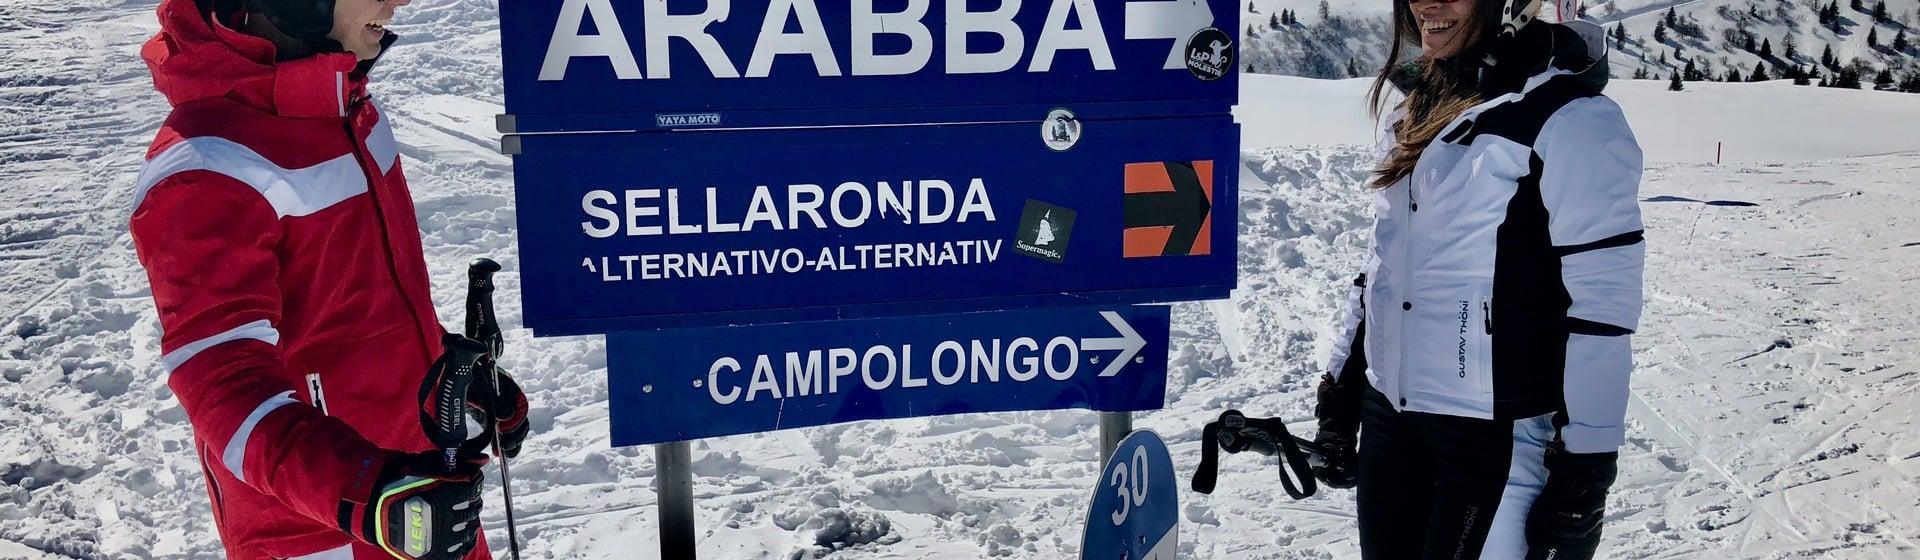 Arabba-Marmolada Neuheiten für die kommende Wintersaison 2021/2022